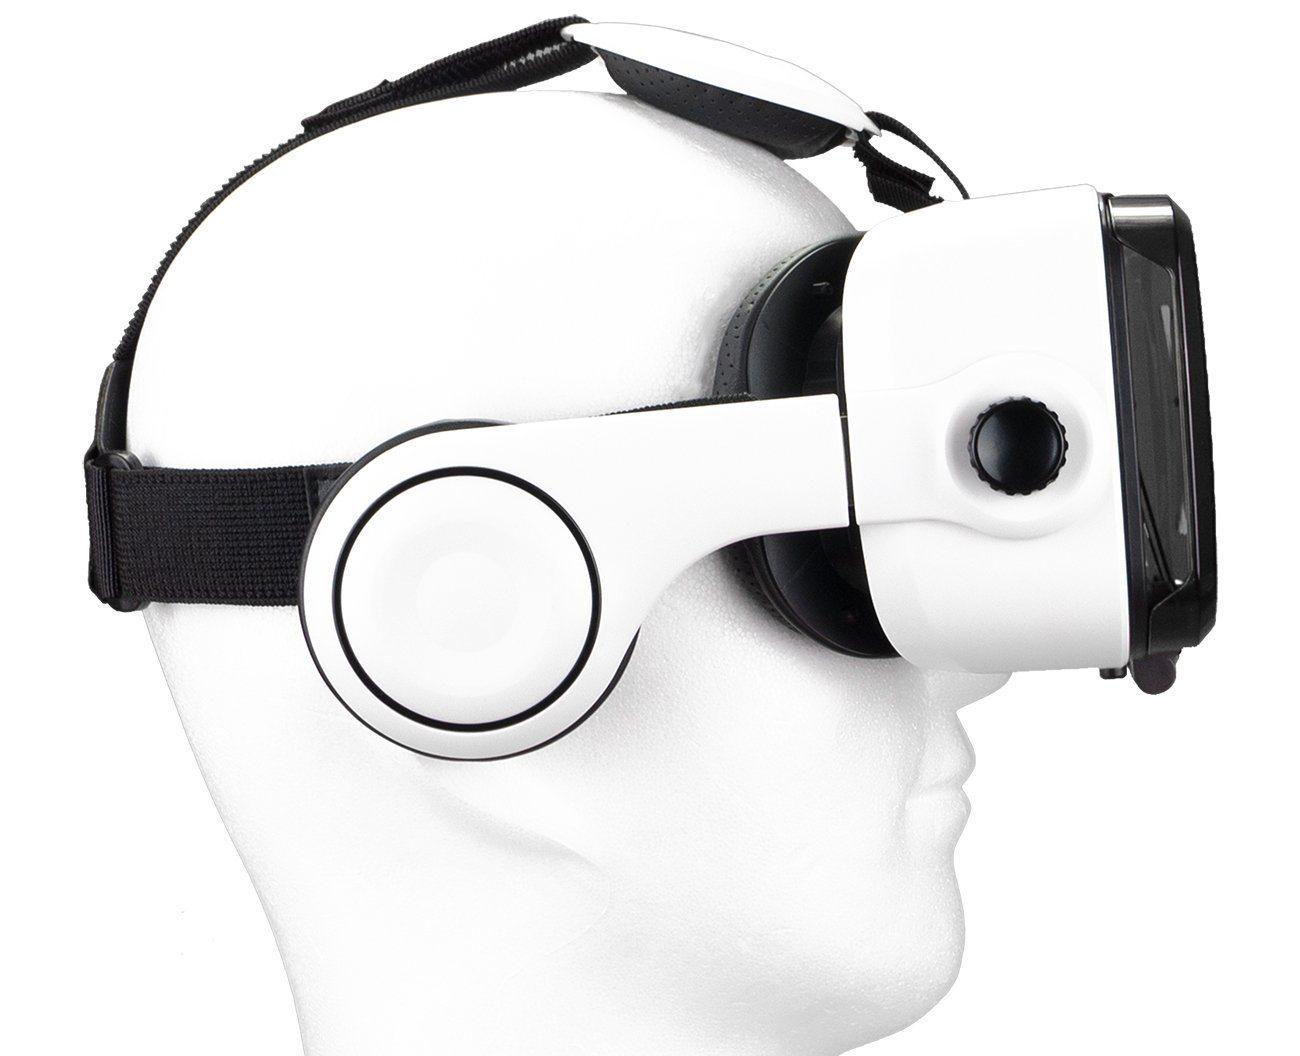 VR Brille Test - Handhabung und Tragekomfort von einer VR Brille